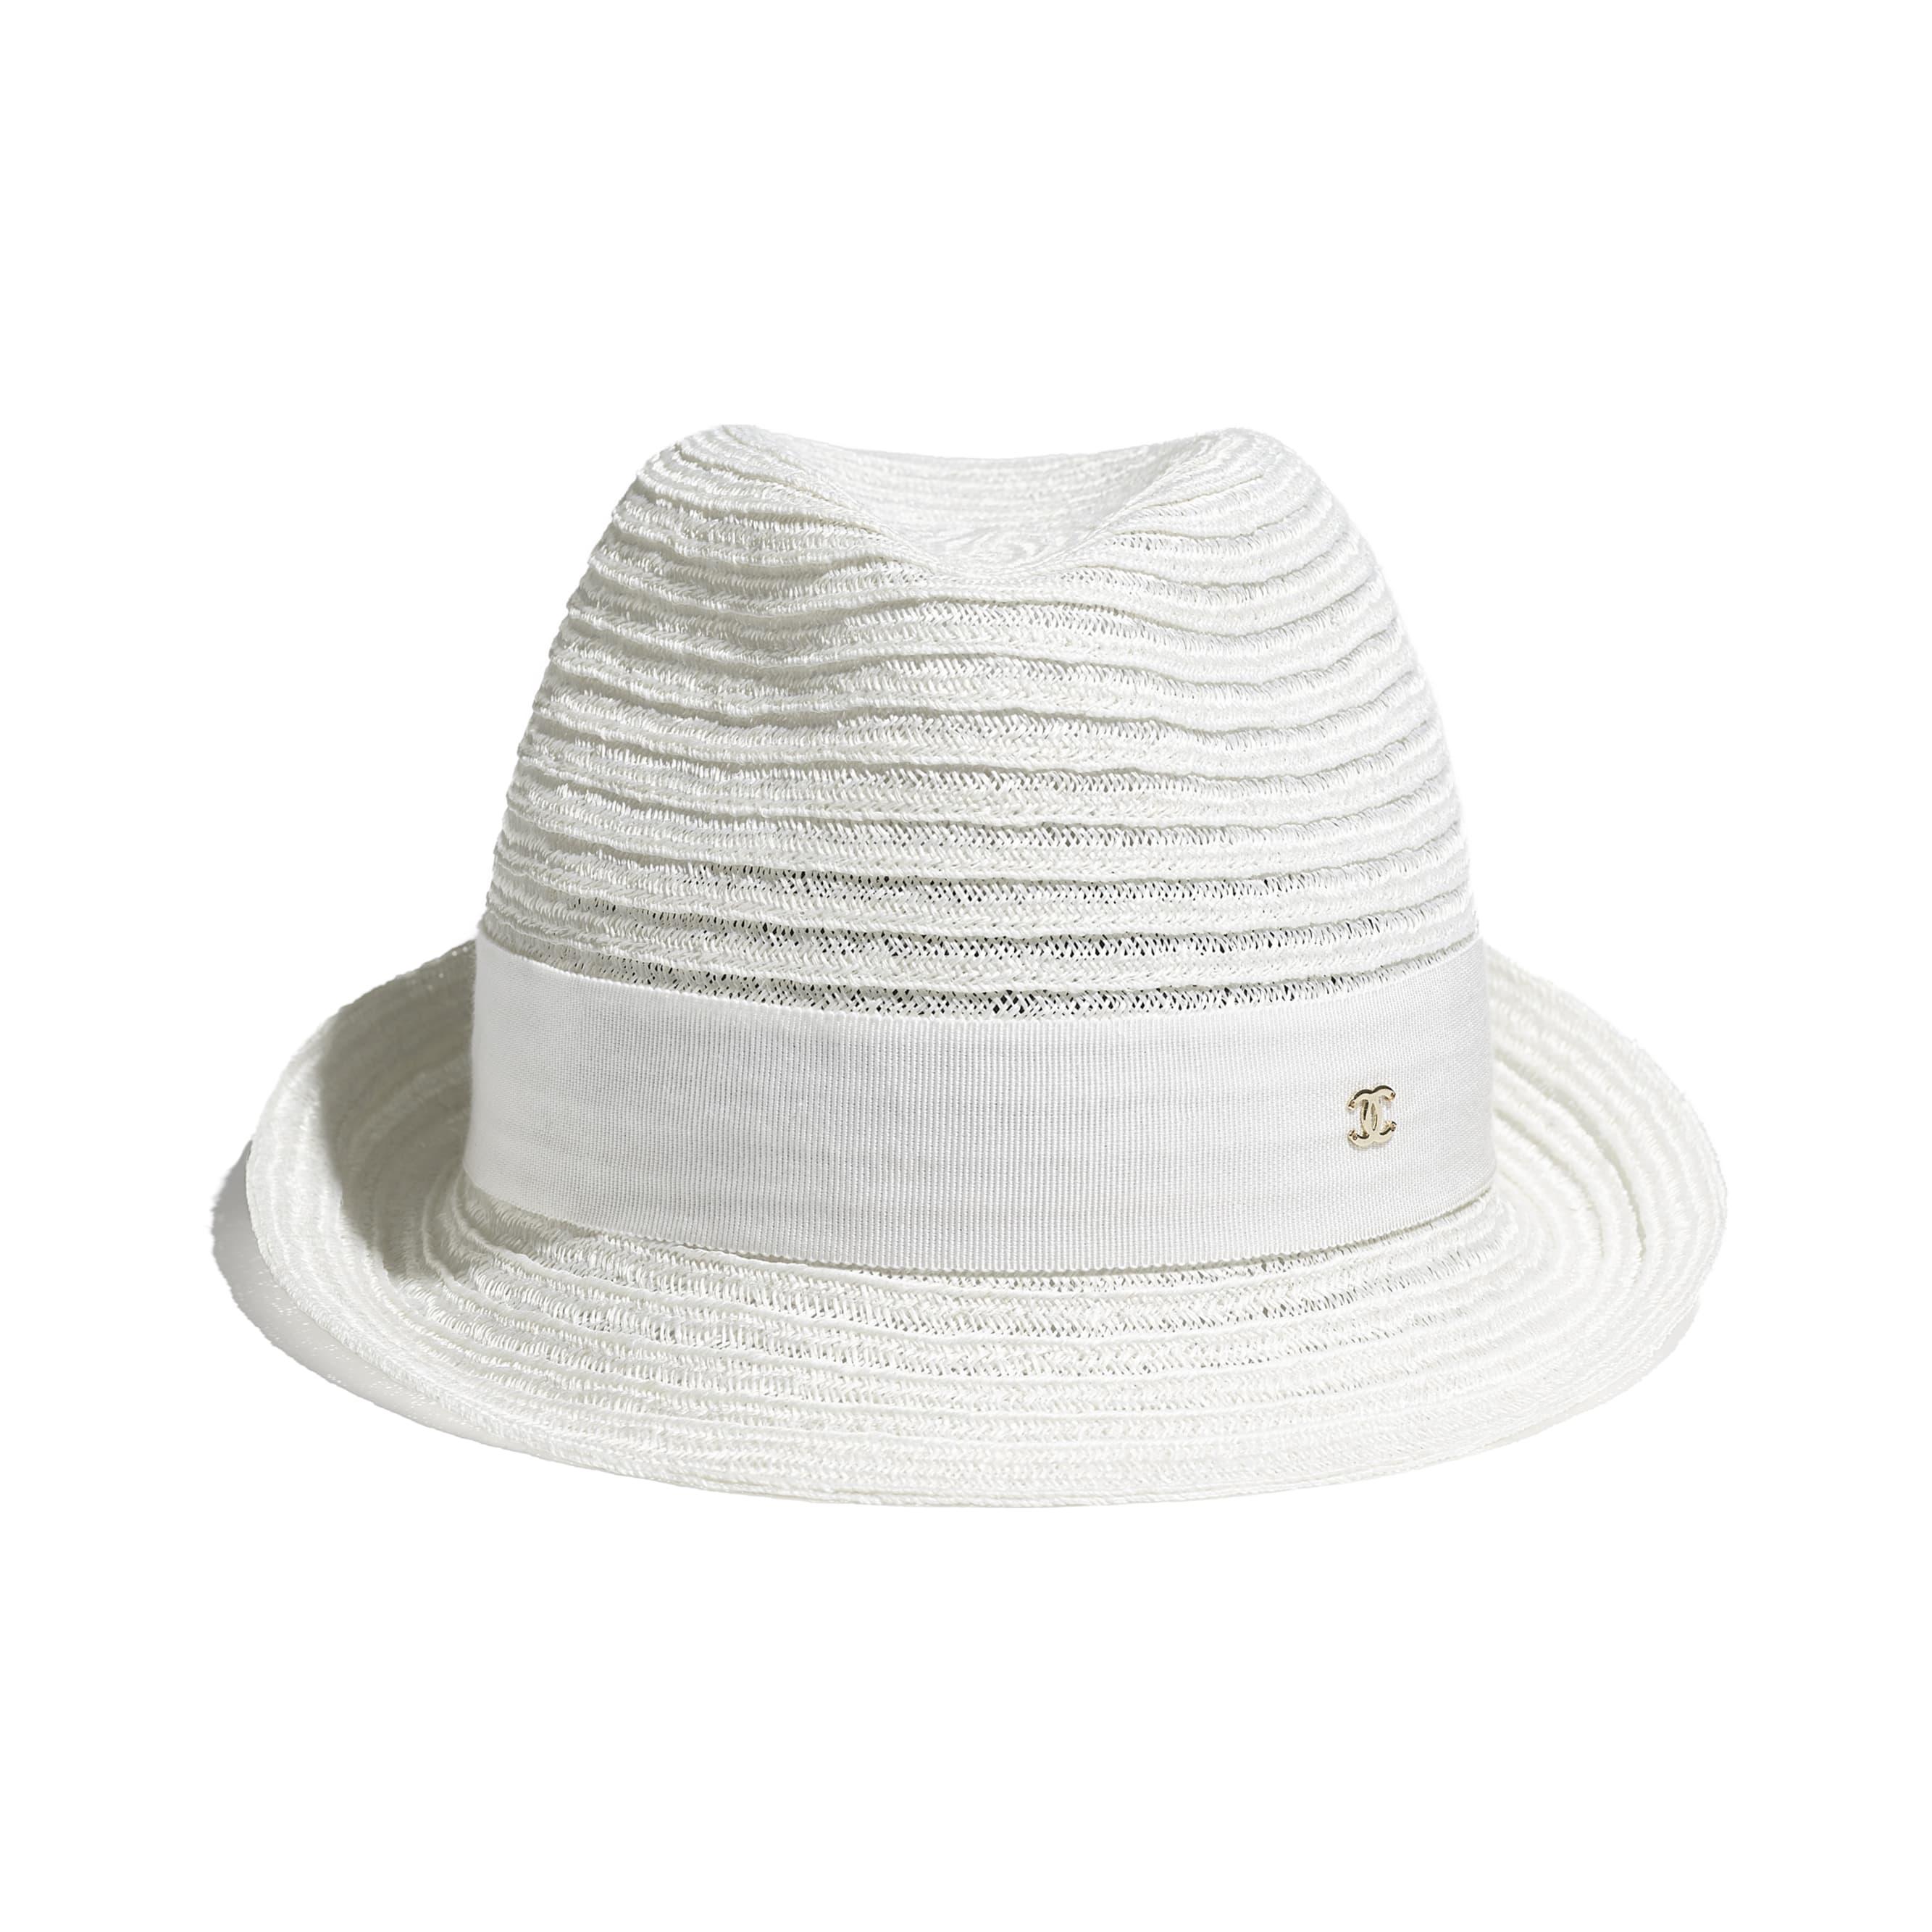 Kapelusz - Kolor biały - Słoma i ryps - CHANEL - Widok alternatywny – zobacz w standardowym rozmiarze